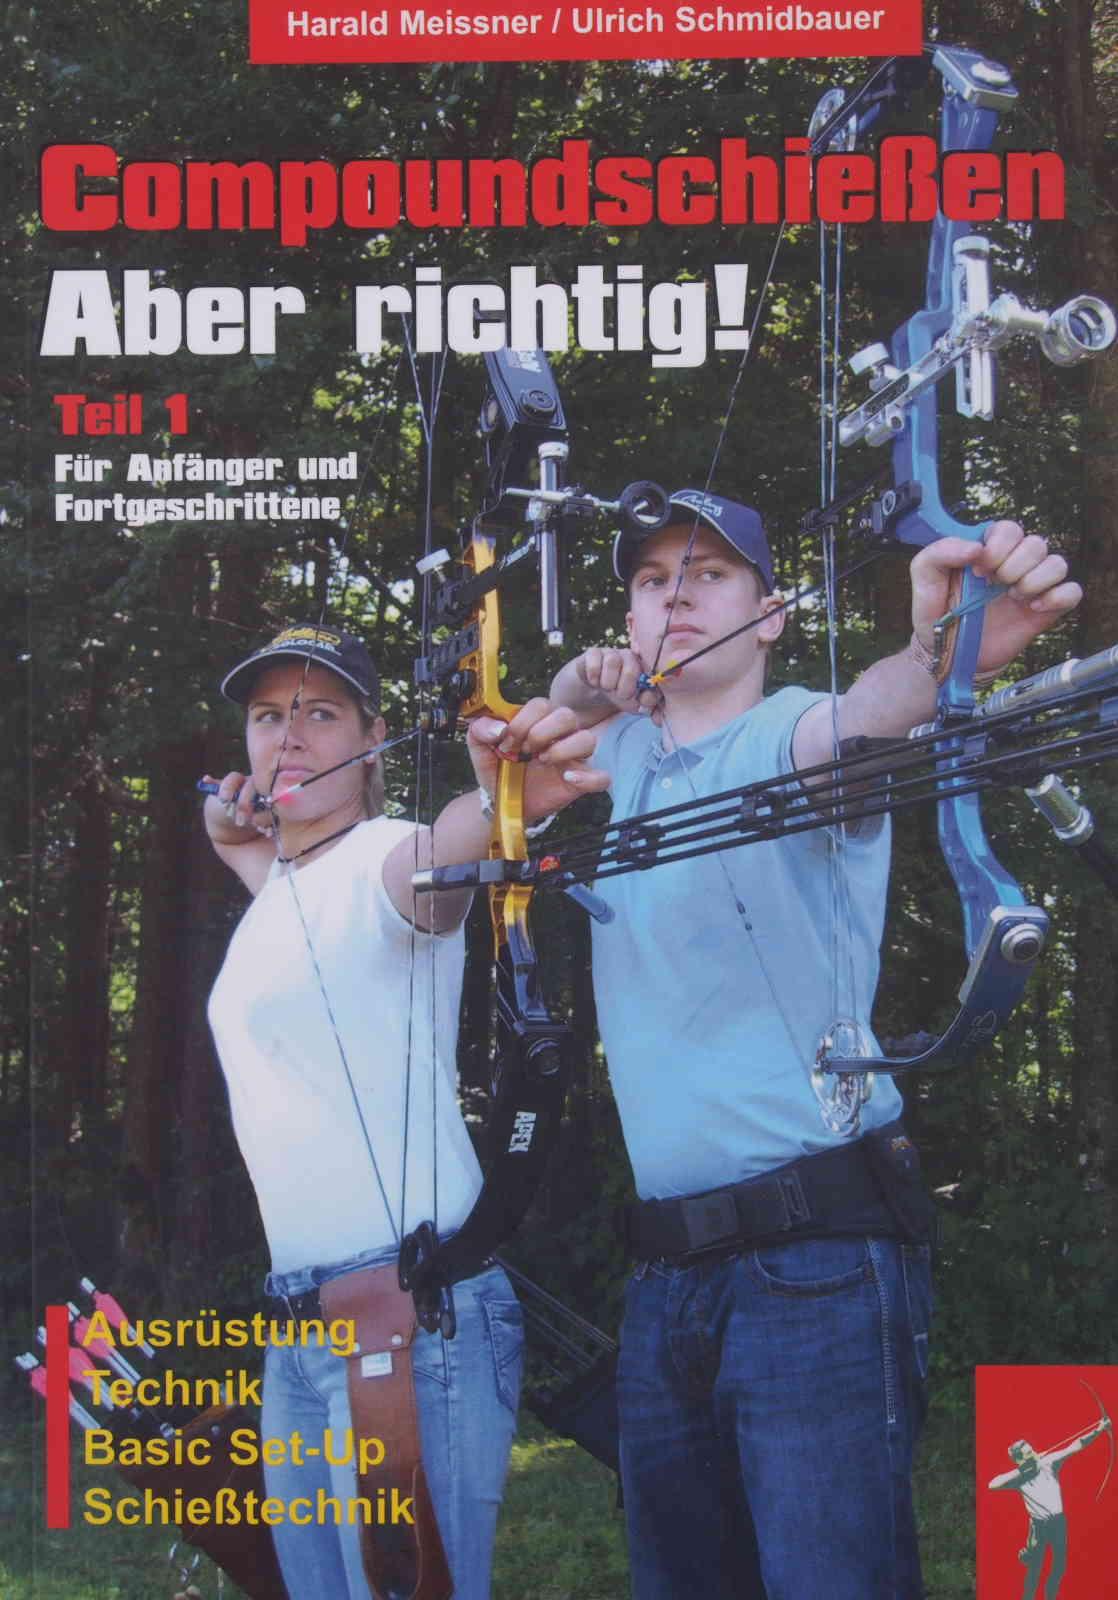 Harald Meissner/Ulrich Schmidbauer - Compoundschießen. Aber richtig!